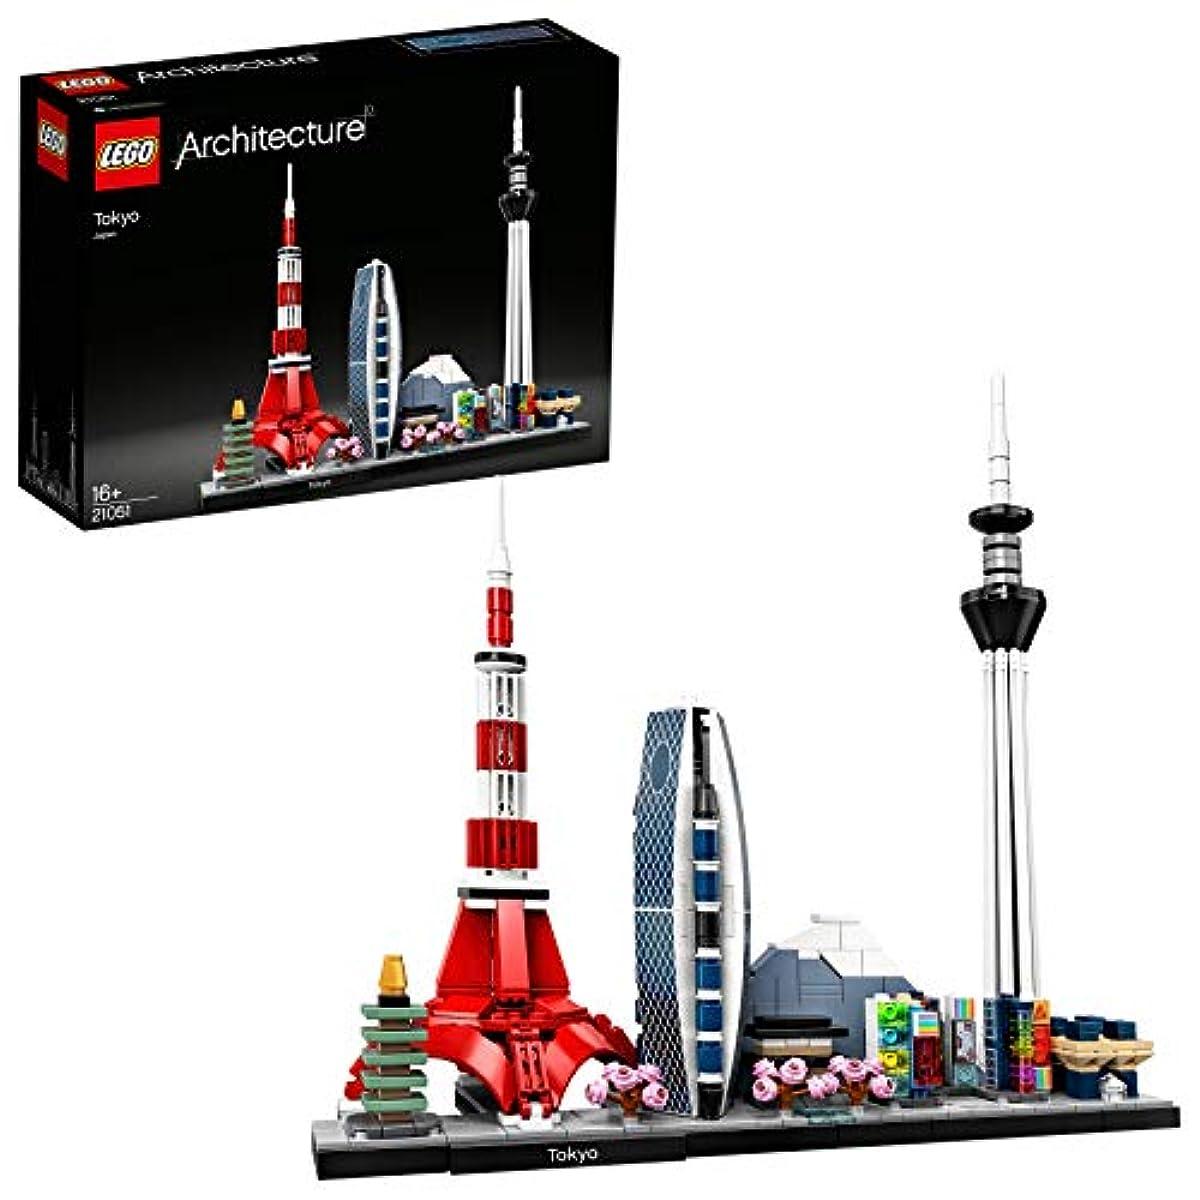 [해외] 레고(LEGO) 아키텍쳐 도쿄 21051